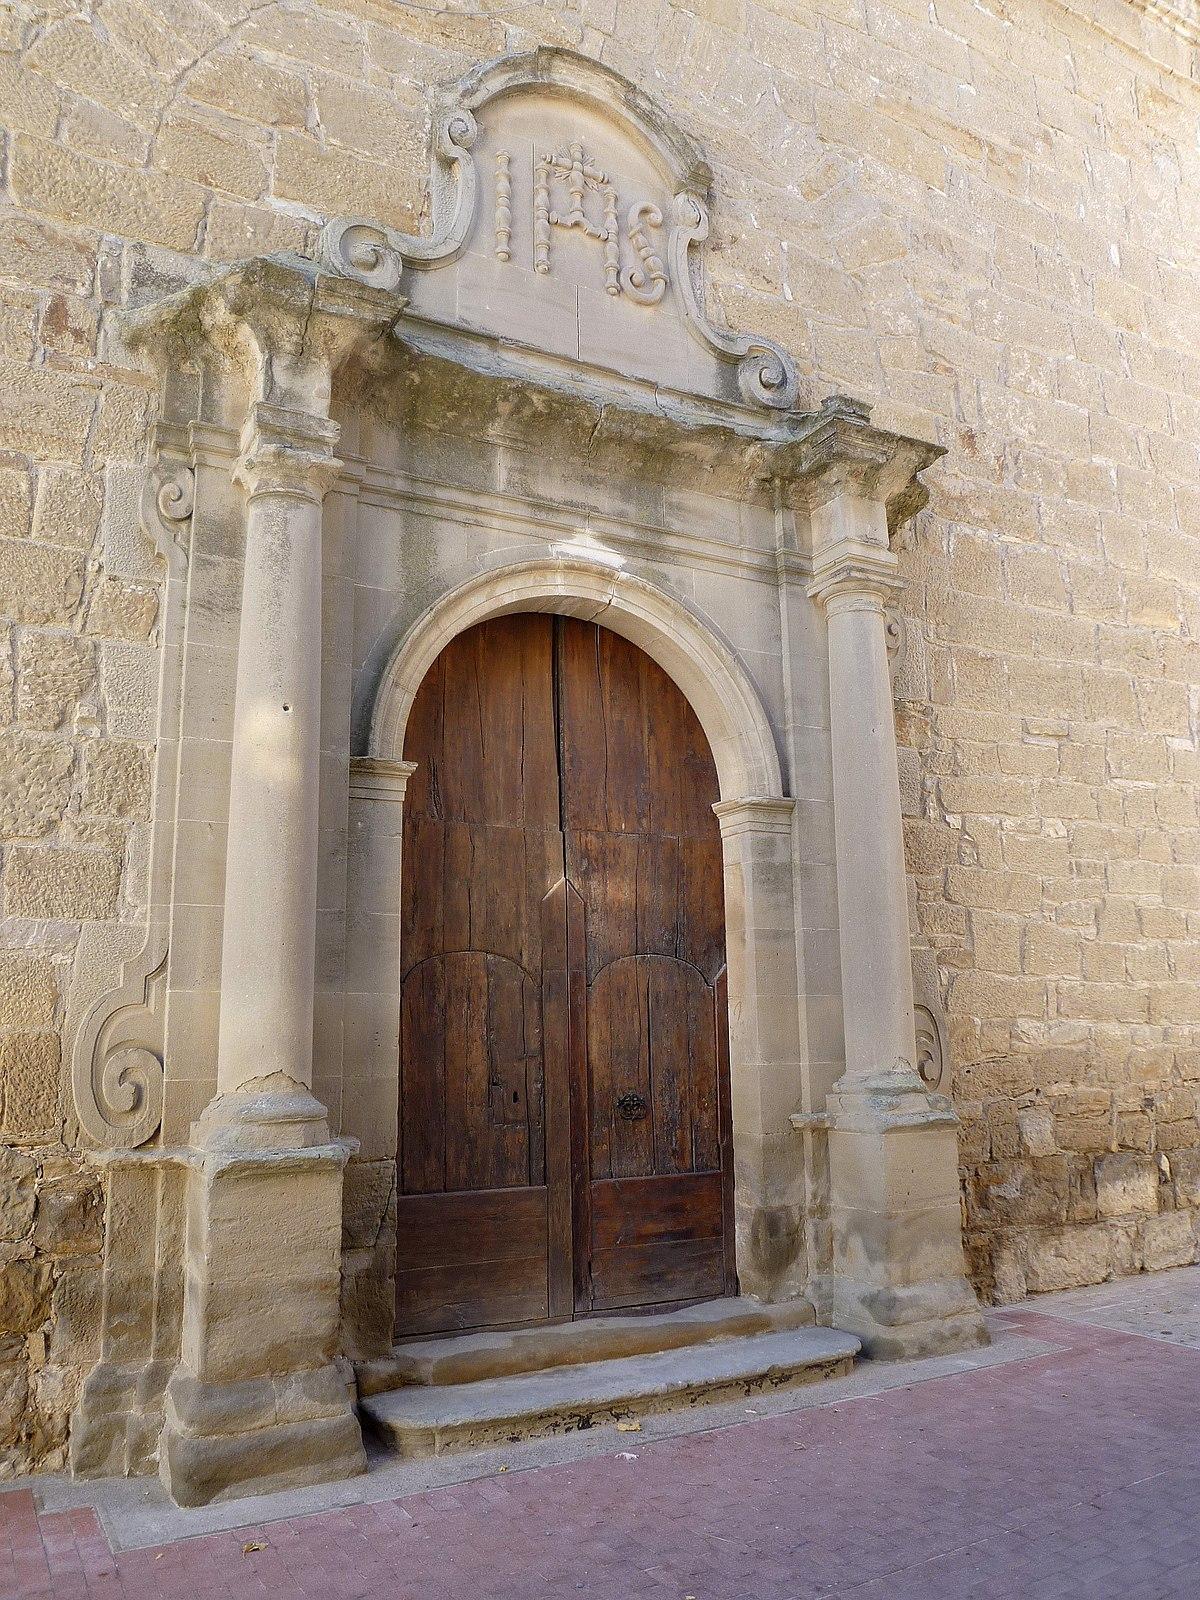 Sant cugat d 39 ivorra viquip dia l 39 enciclop dia lliure - Alfombras sant cugat ...